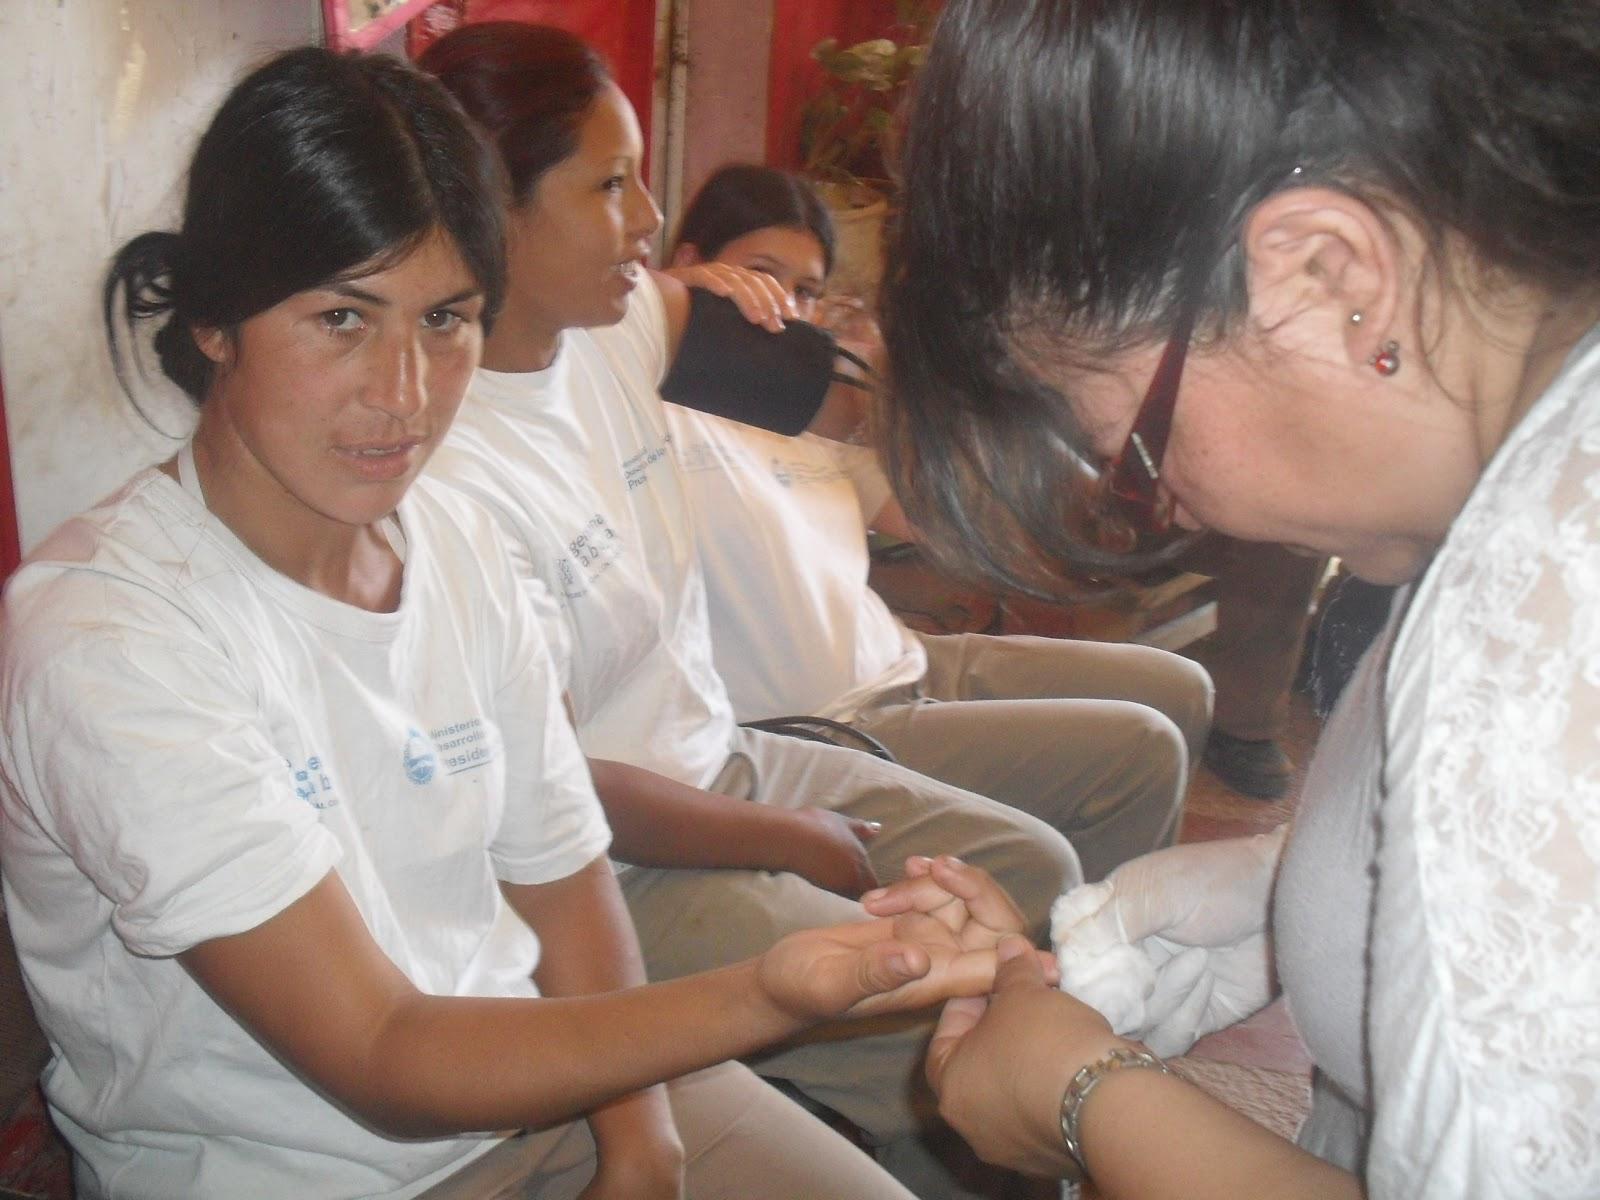 Llevan jvenes cristianos programa contra diabetes